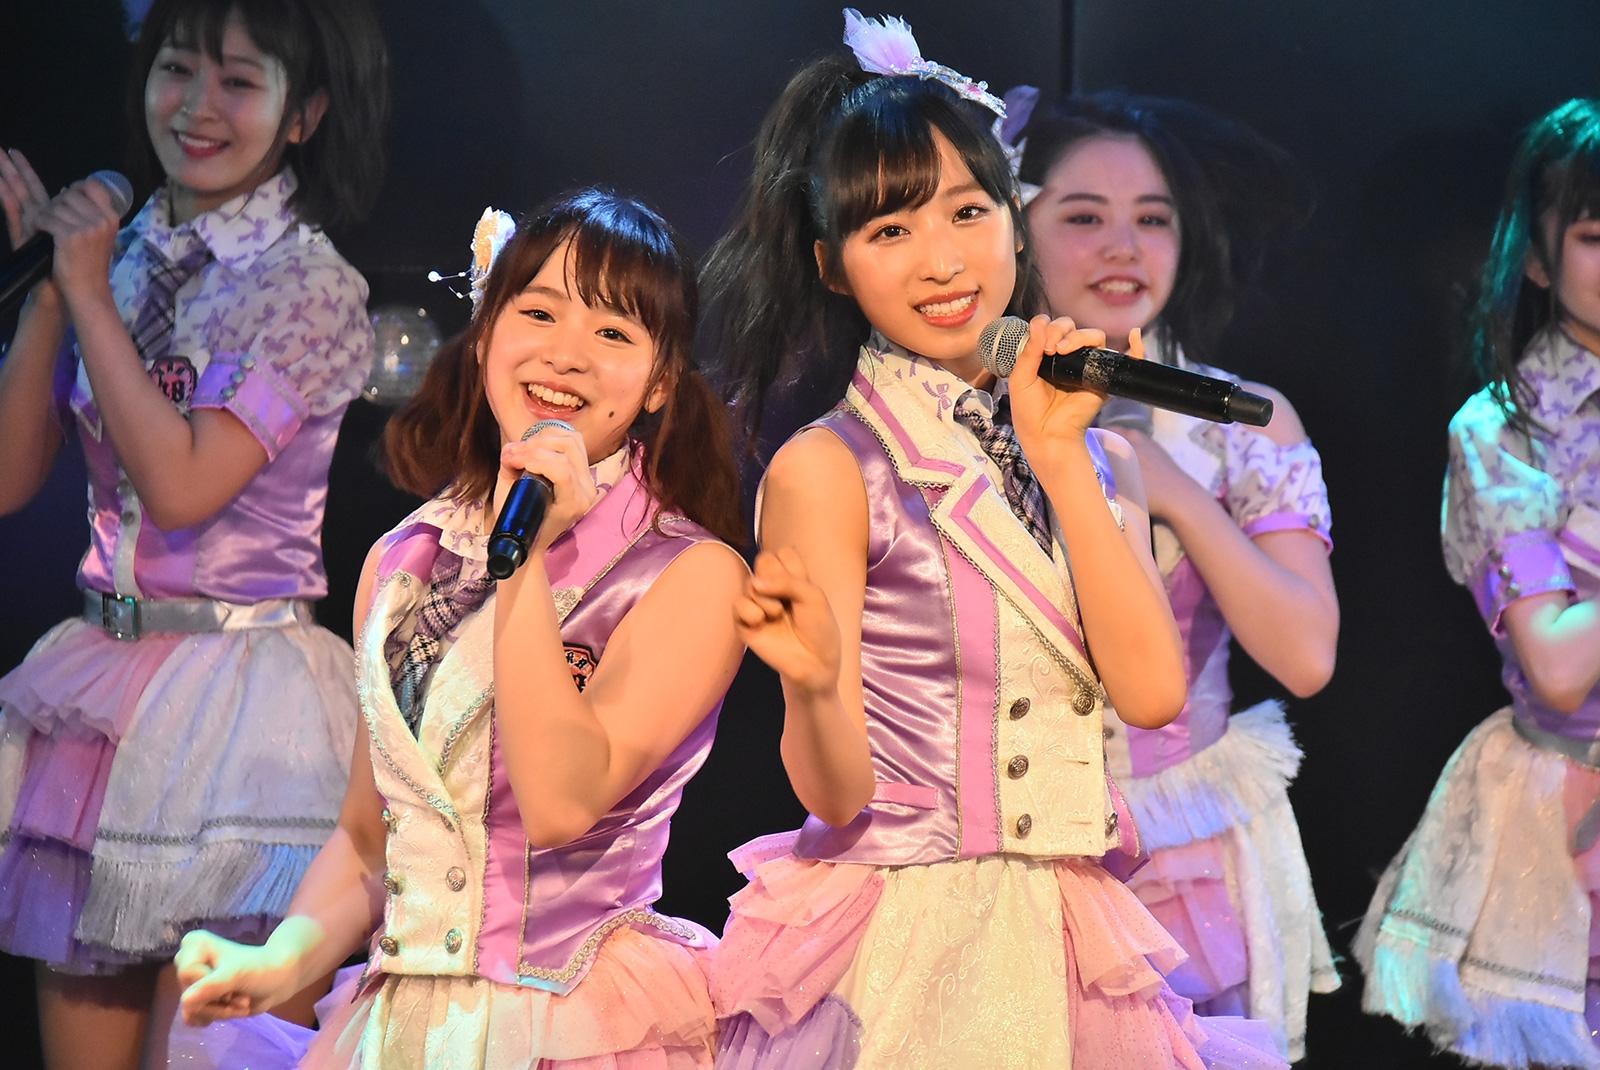 [img]https://toyota-team8.jp/news/uploads/news190622_release01.jpg[/img]